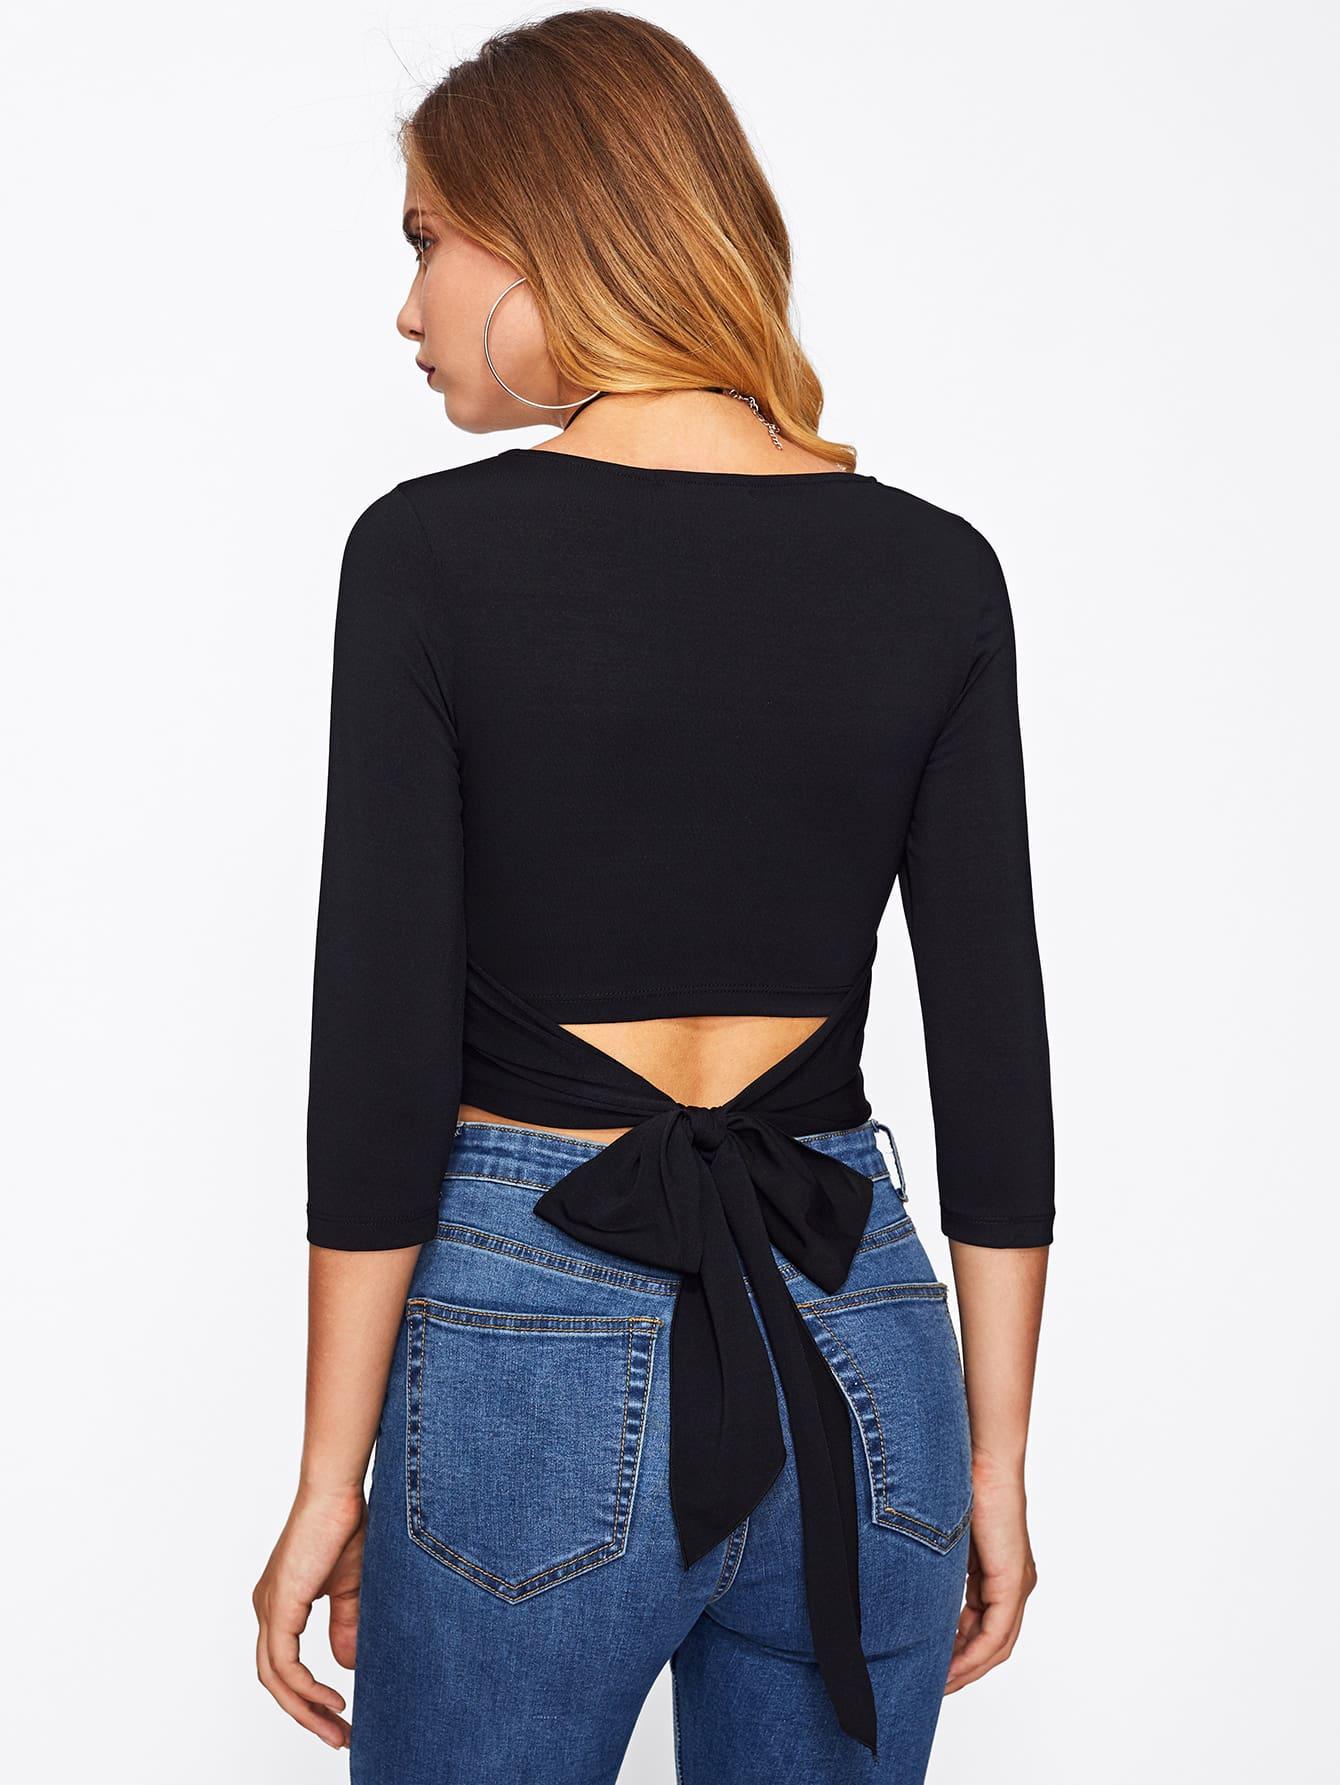 bow belt back form fitting crop tee shein sheinside. Black Bedroom Furniture Sets. Home Design Ideas